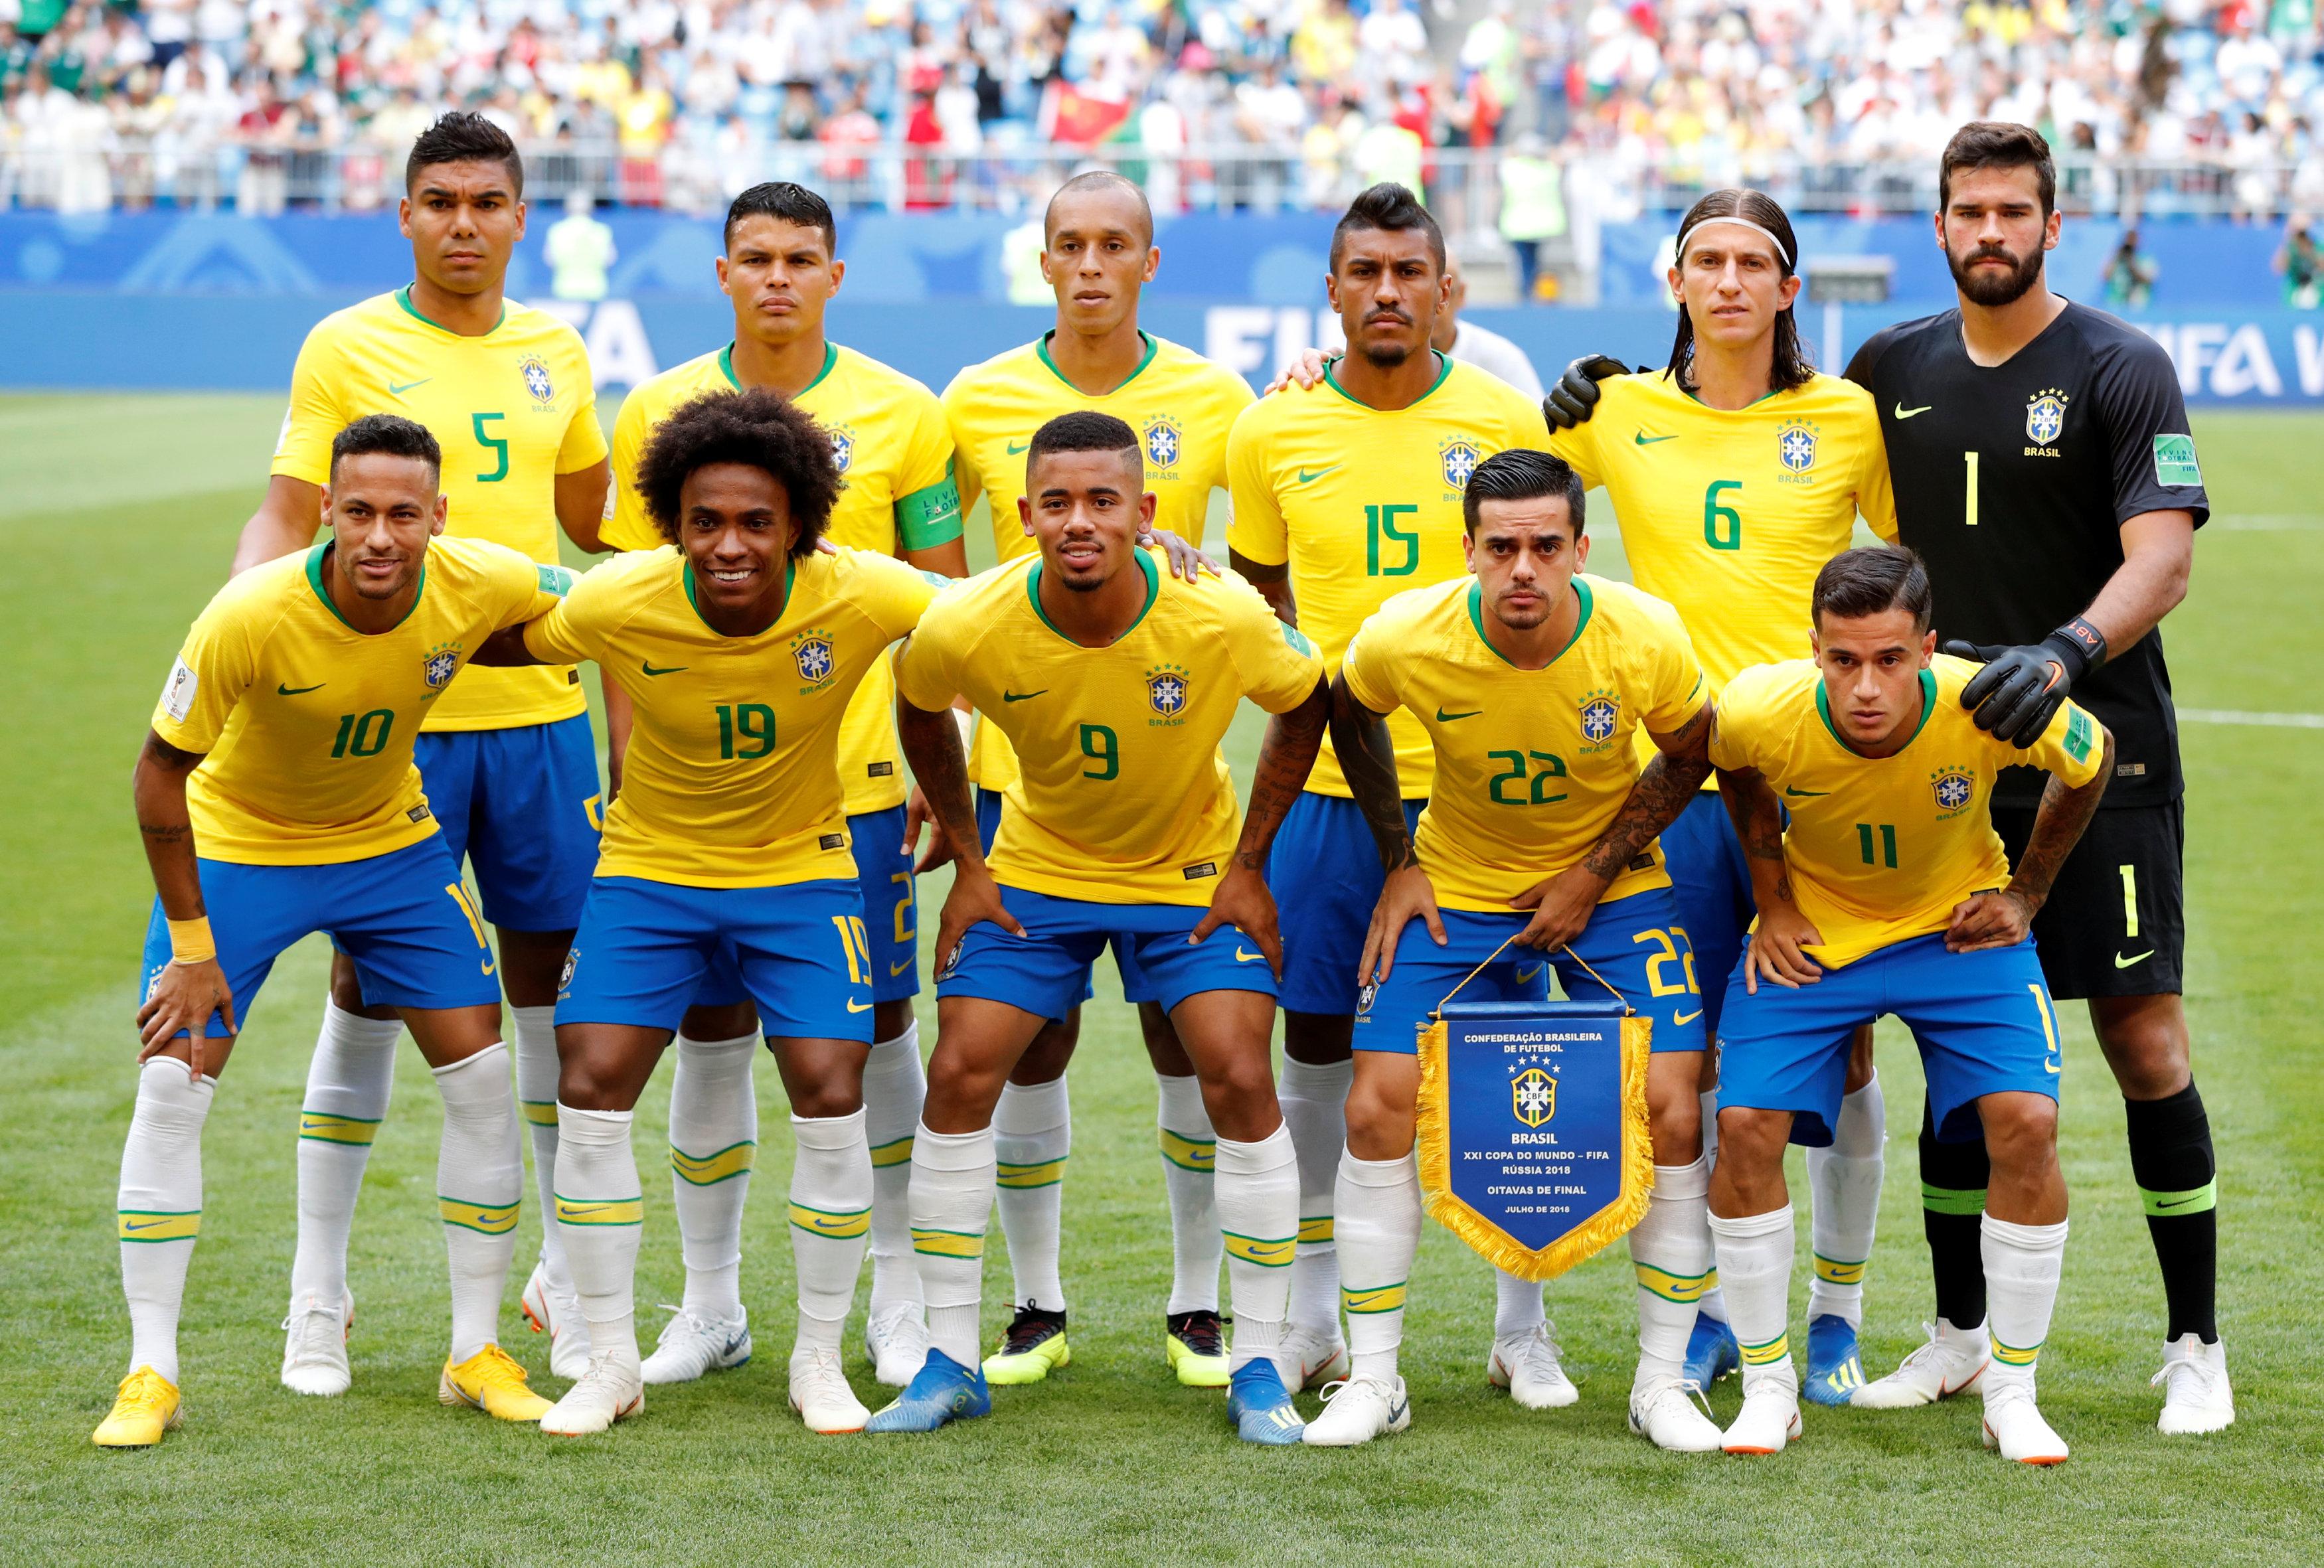 Selección de Brasil 2018 - 3500x2362